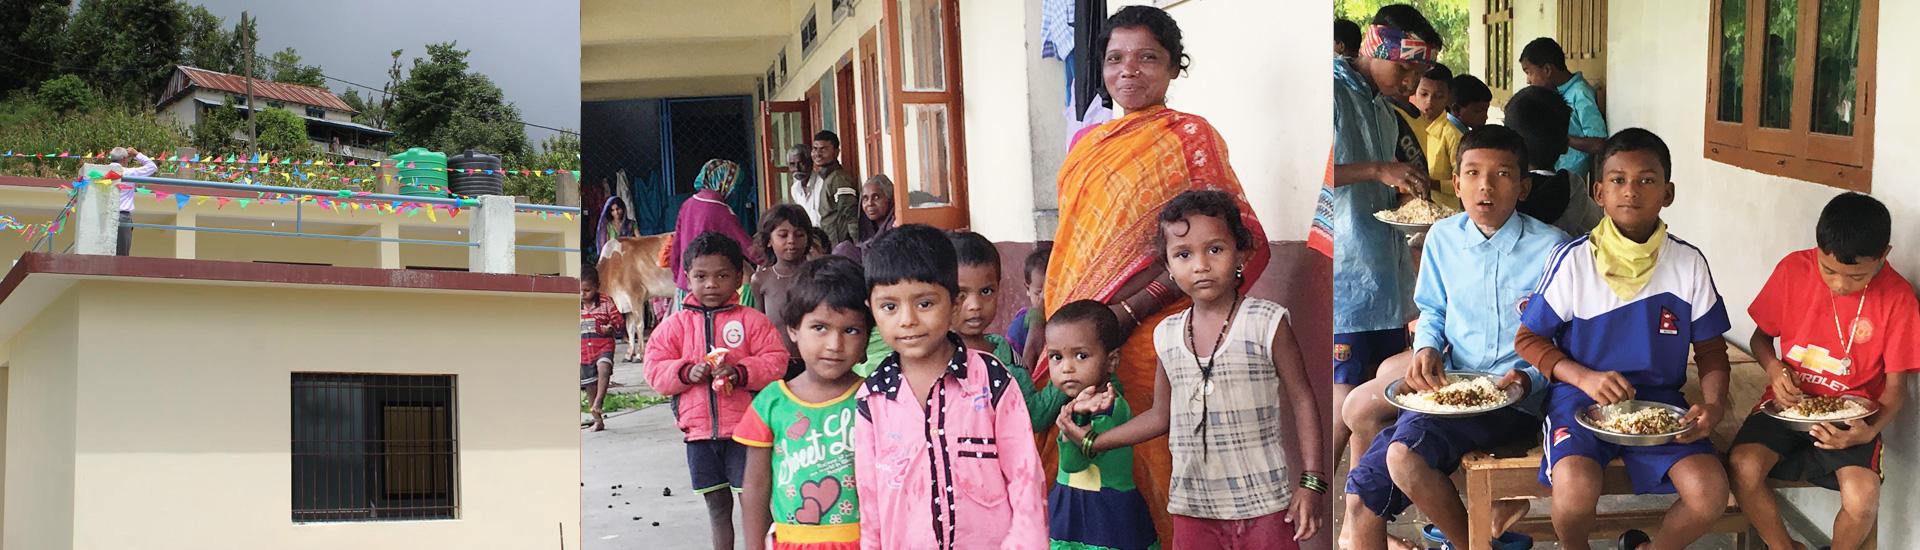 Ayuda a Nepal - Reconstrucción